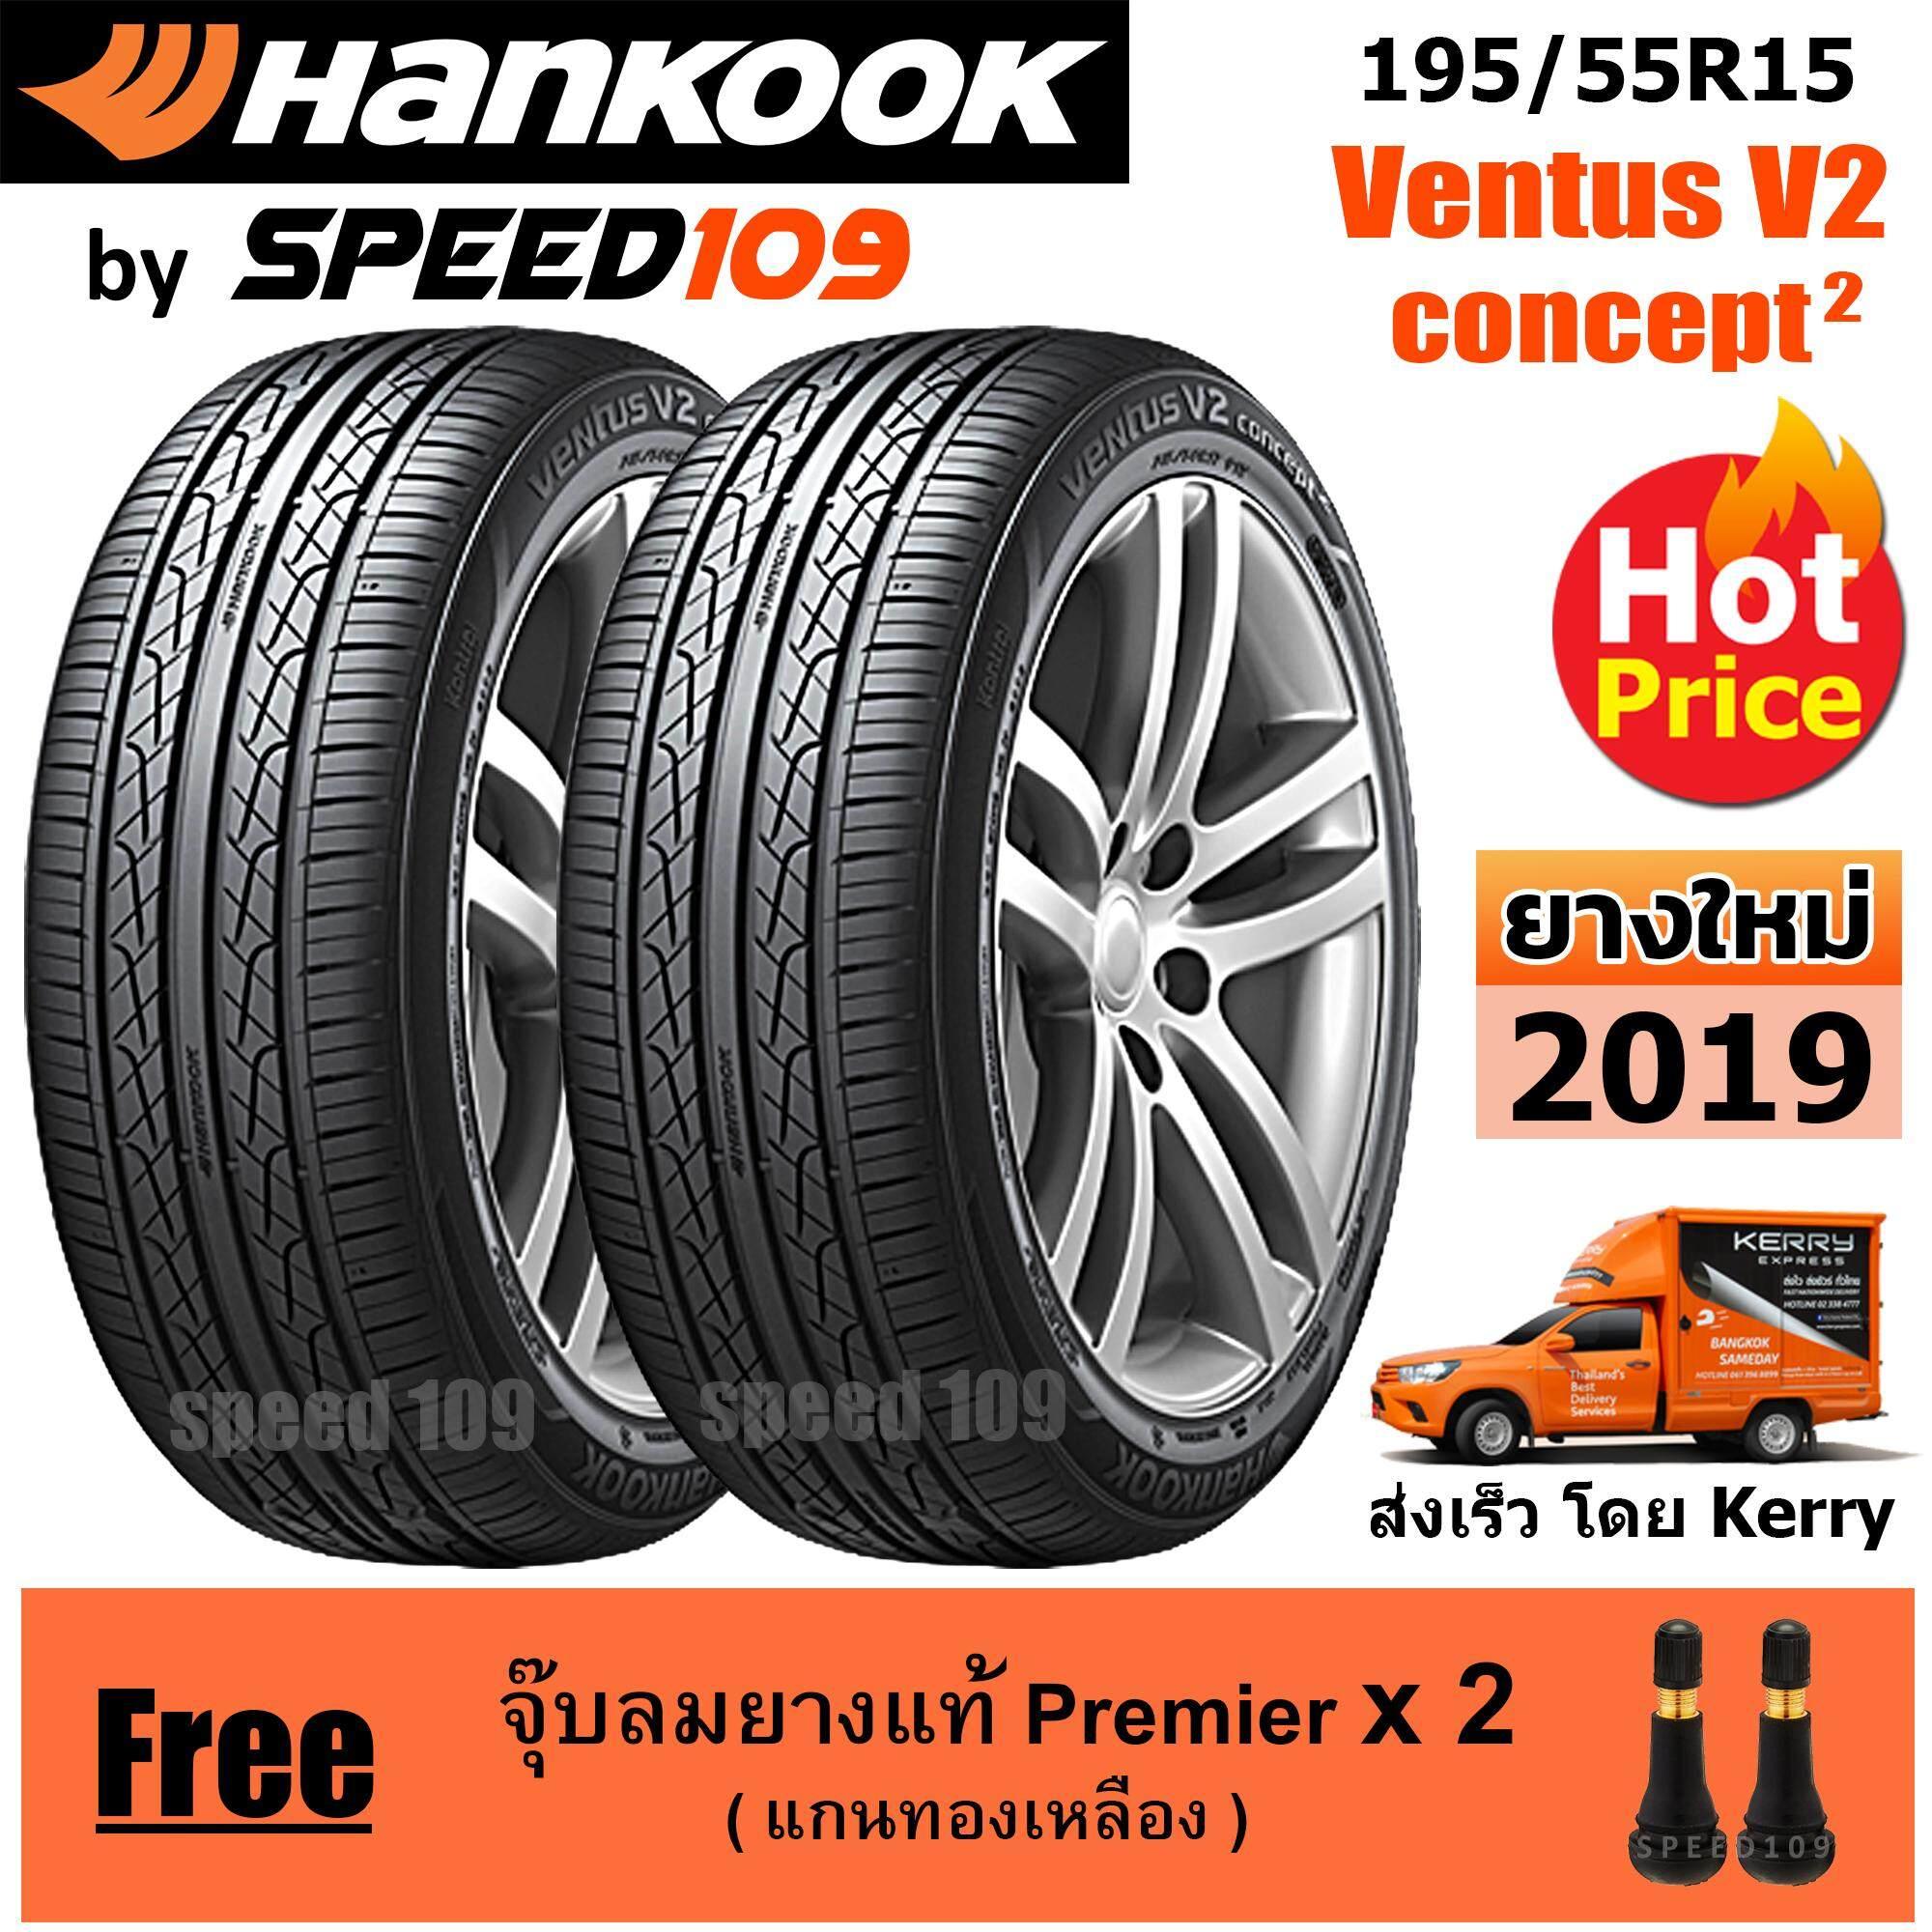 ประกันภัย รถยนต์ ชั้น 3 ราคา ถูก สุพรรณบุรี HANKOOK ยางรถยนต์ ขอบ 15 ขนาด 195/55R15 รุ่น Ventus V2 Concept2 - 2 เส้น (ปี 2019)